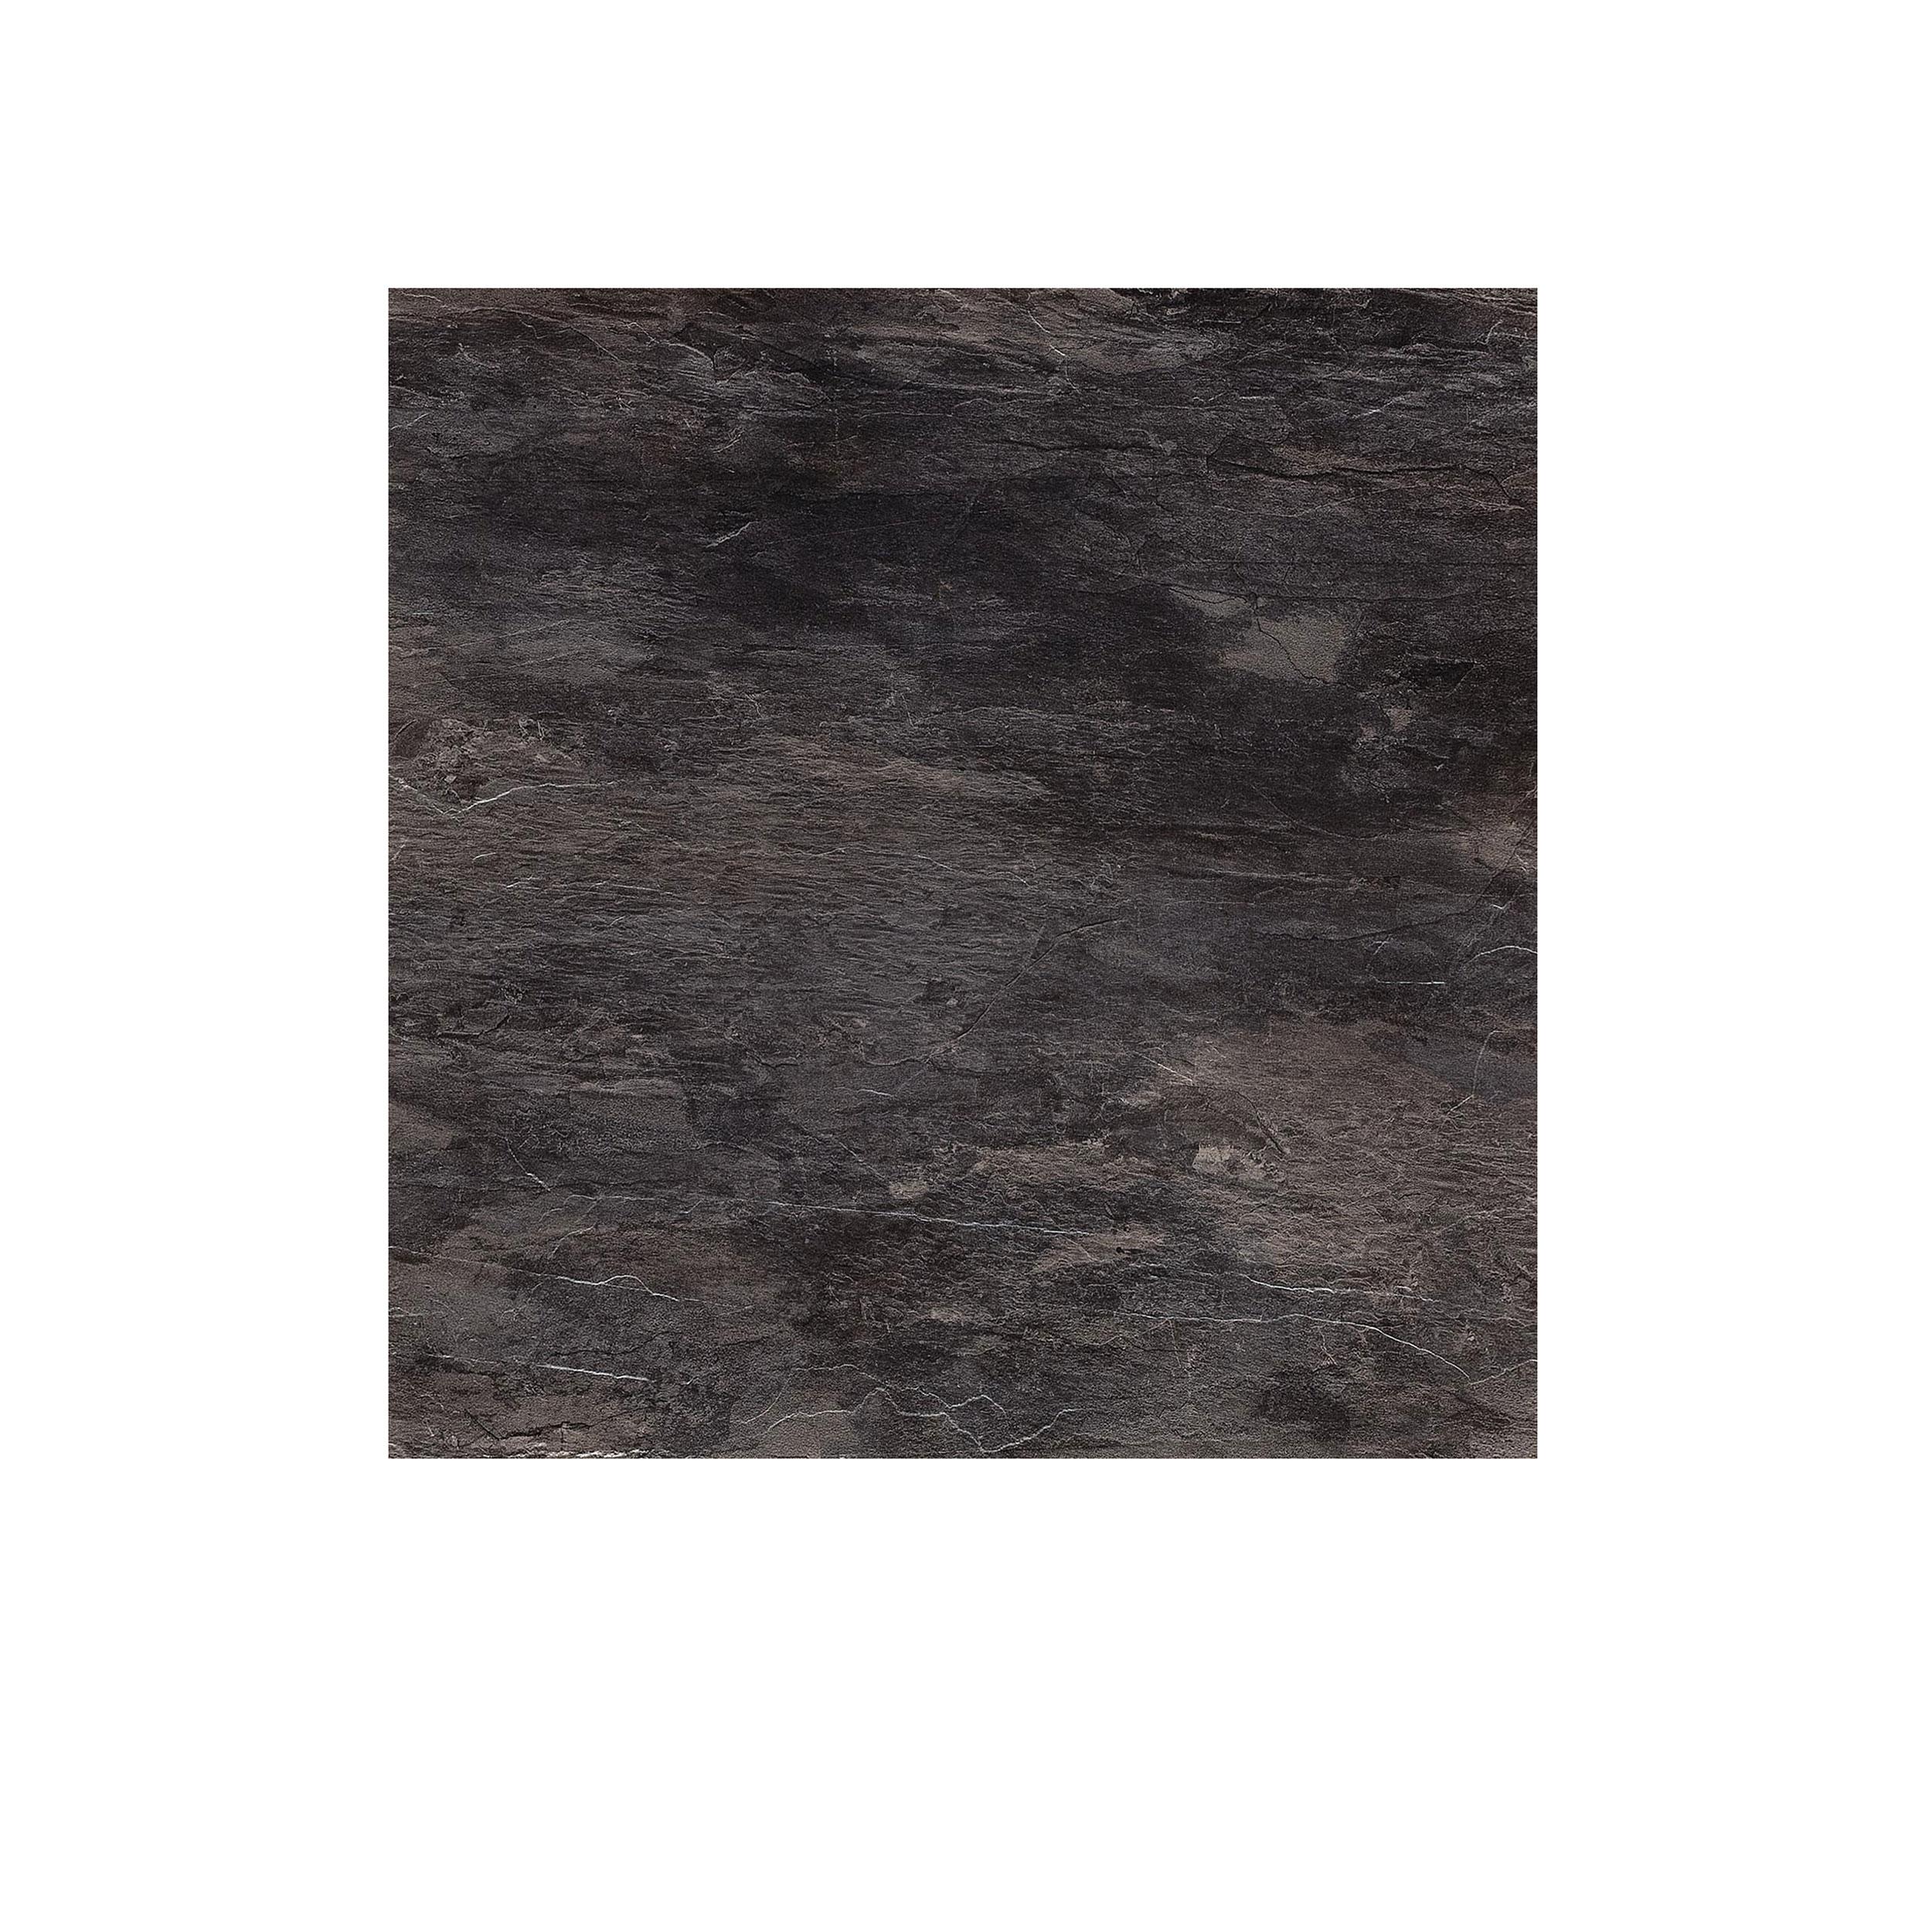 COTTO กระเบื้องปูพื้นและผนัง (คอตโต้) 32x32 นิ้ว (80x80ซม.) GT738649